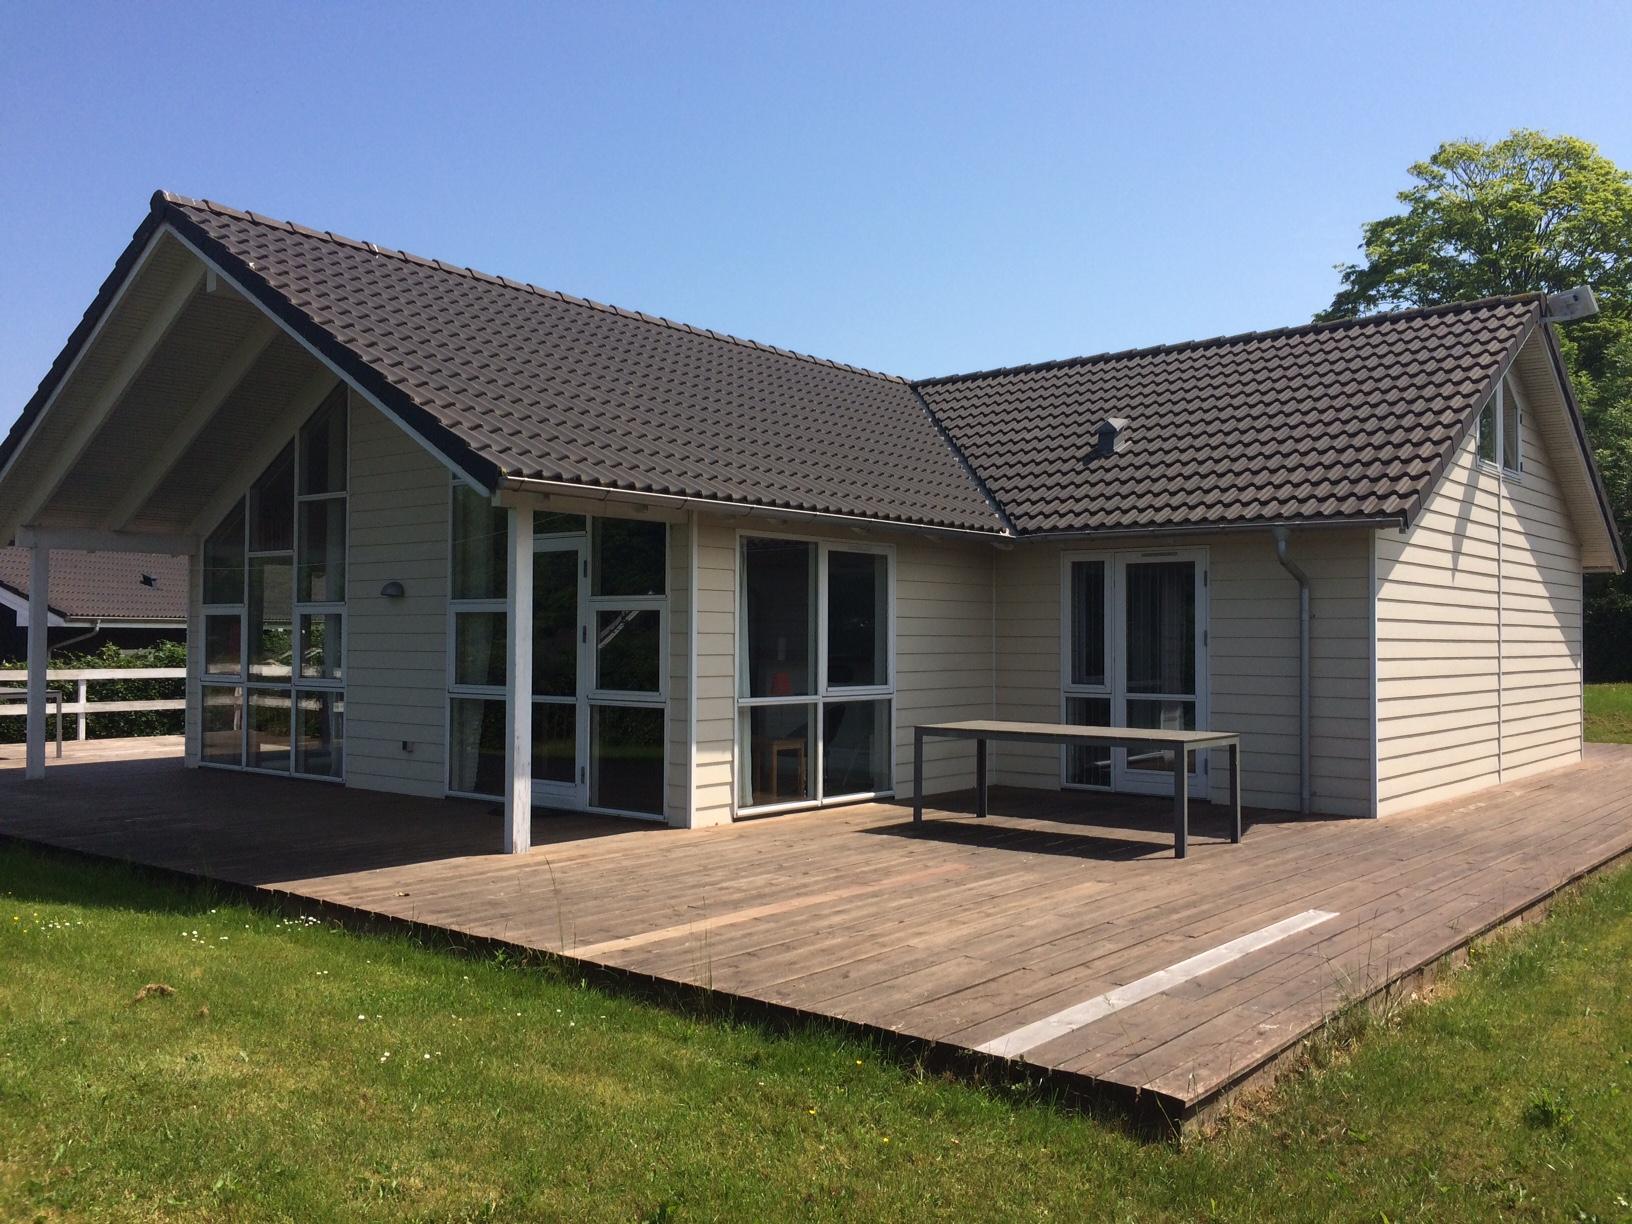 Die Herren beenden die Saison 2015/2016 in Loddenhoj/Dänemark ...